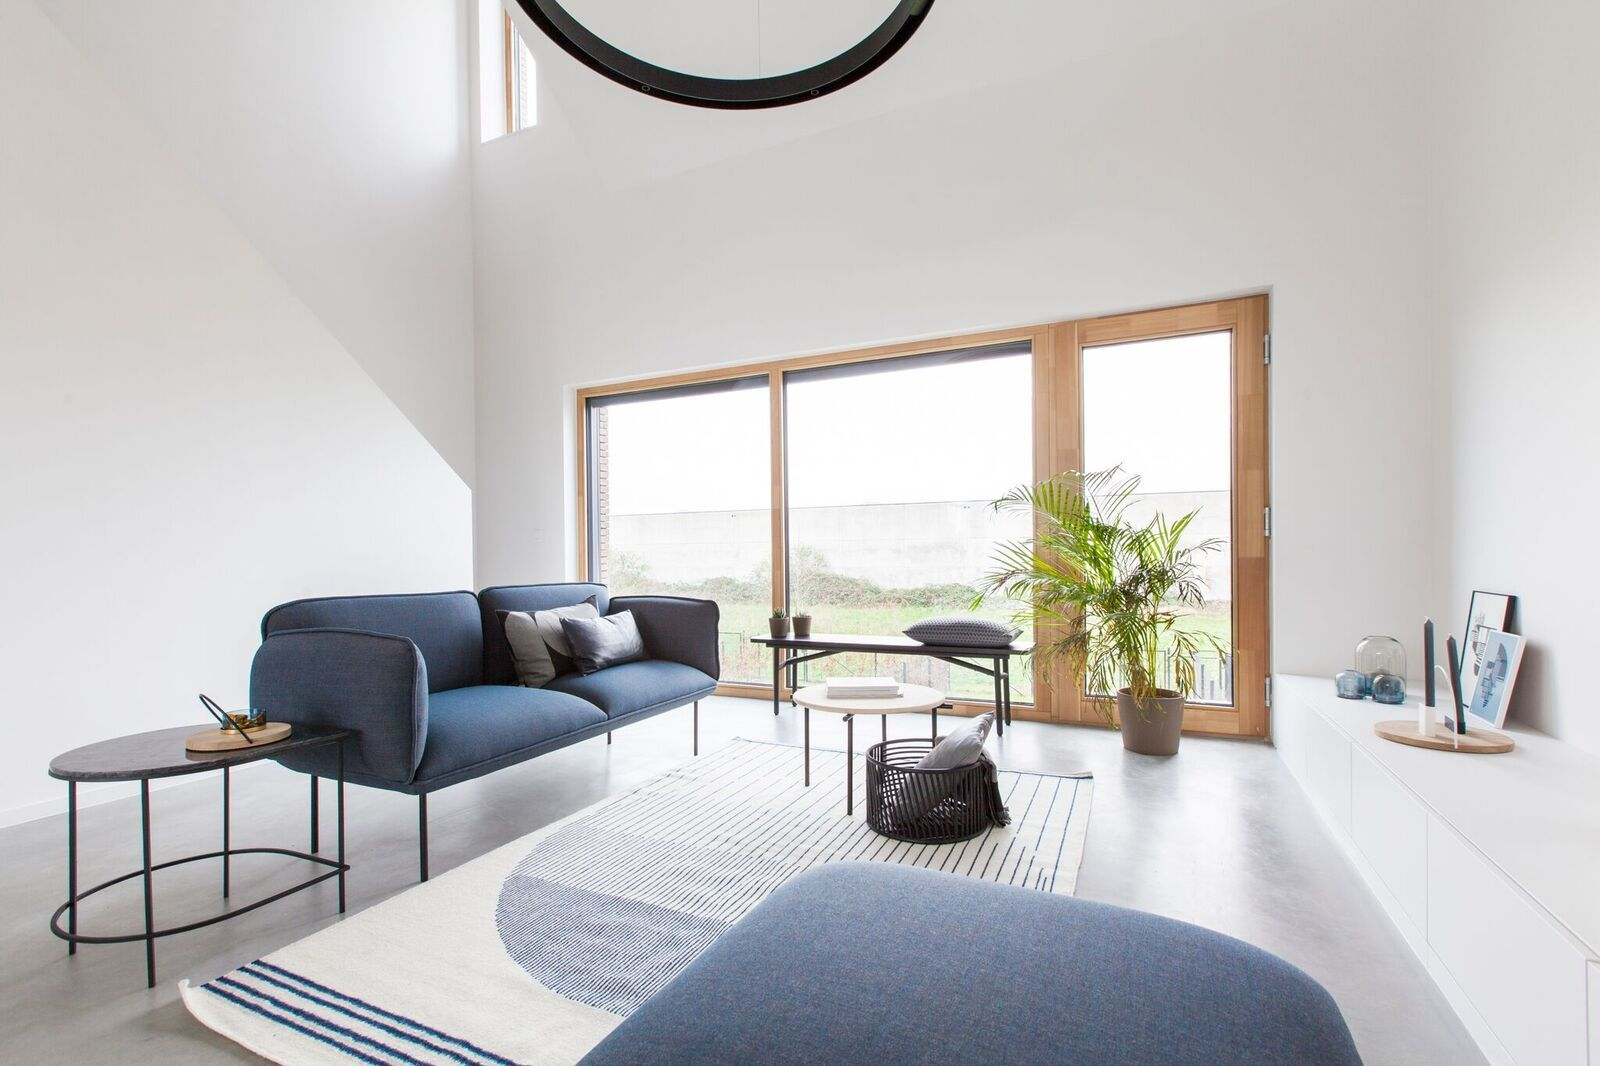 Het minimalistische interieur van dit huis in gentbrugge is te gek